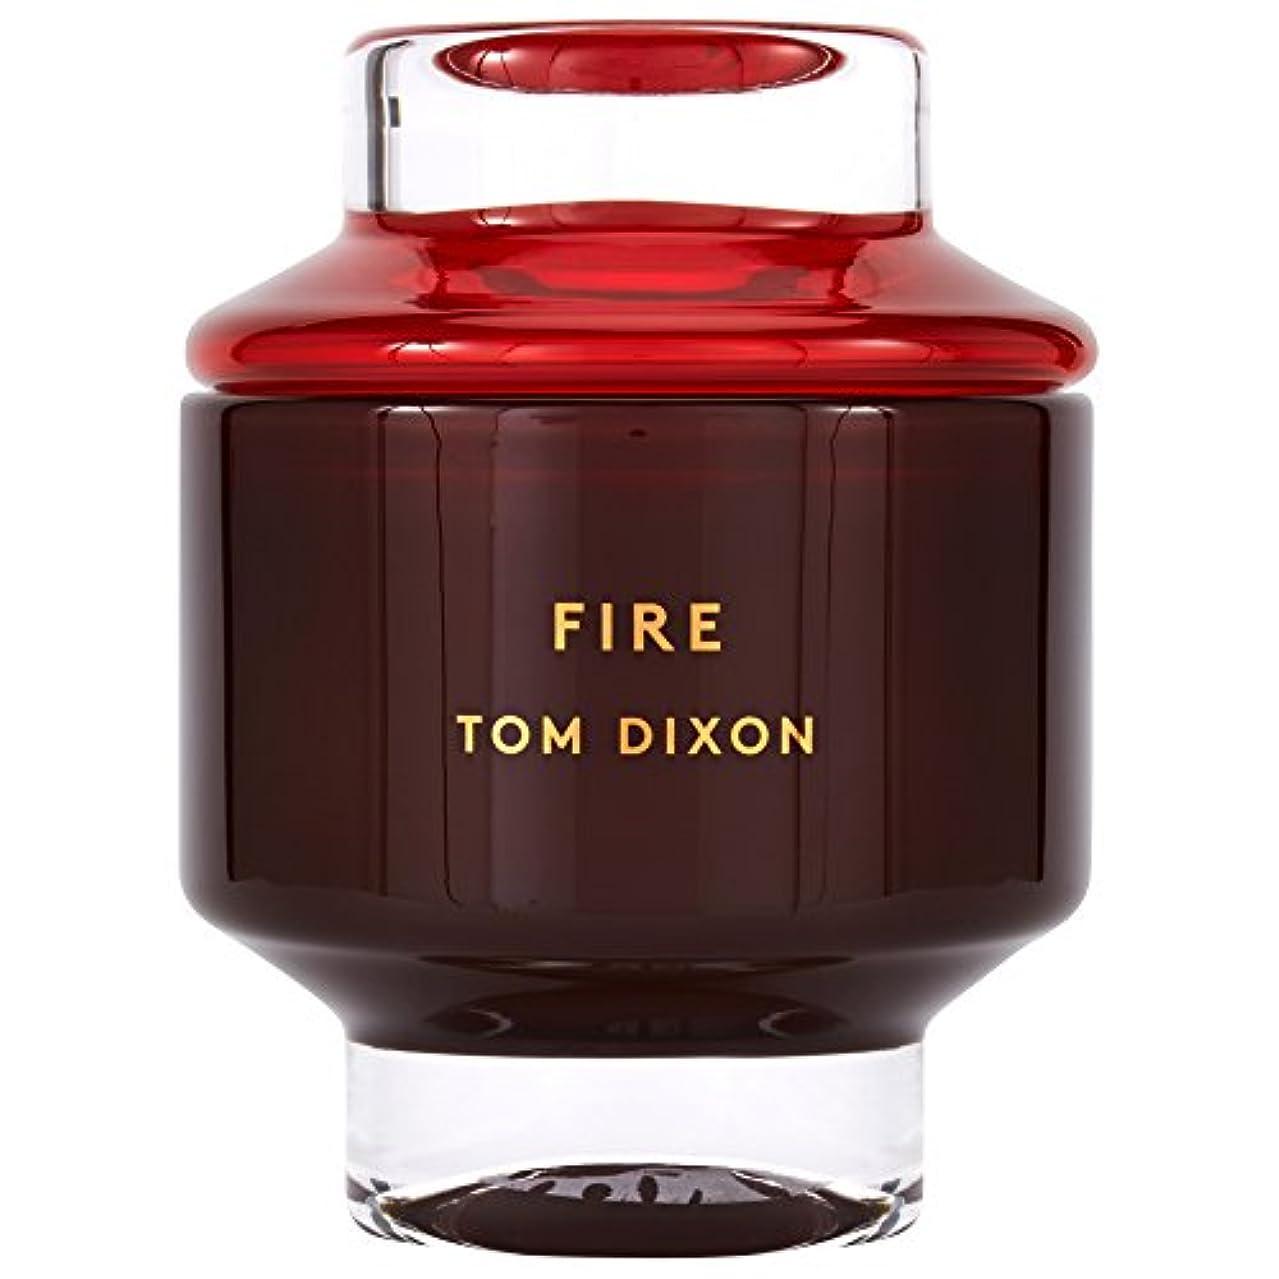 仕える肩をすくめる民間人Tom Dixon Fire Scented Candle Large - トム?ディクソン火災大型香りのキャンドル [並行輸入品]